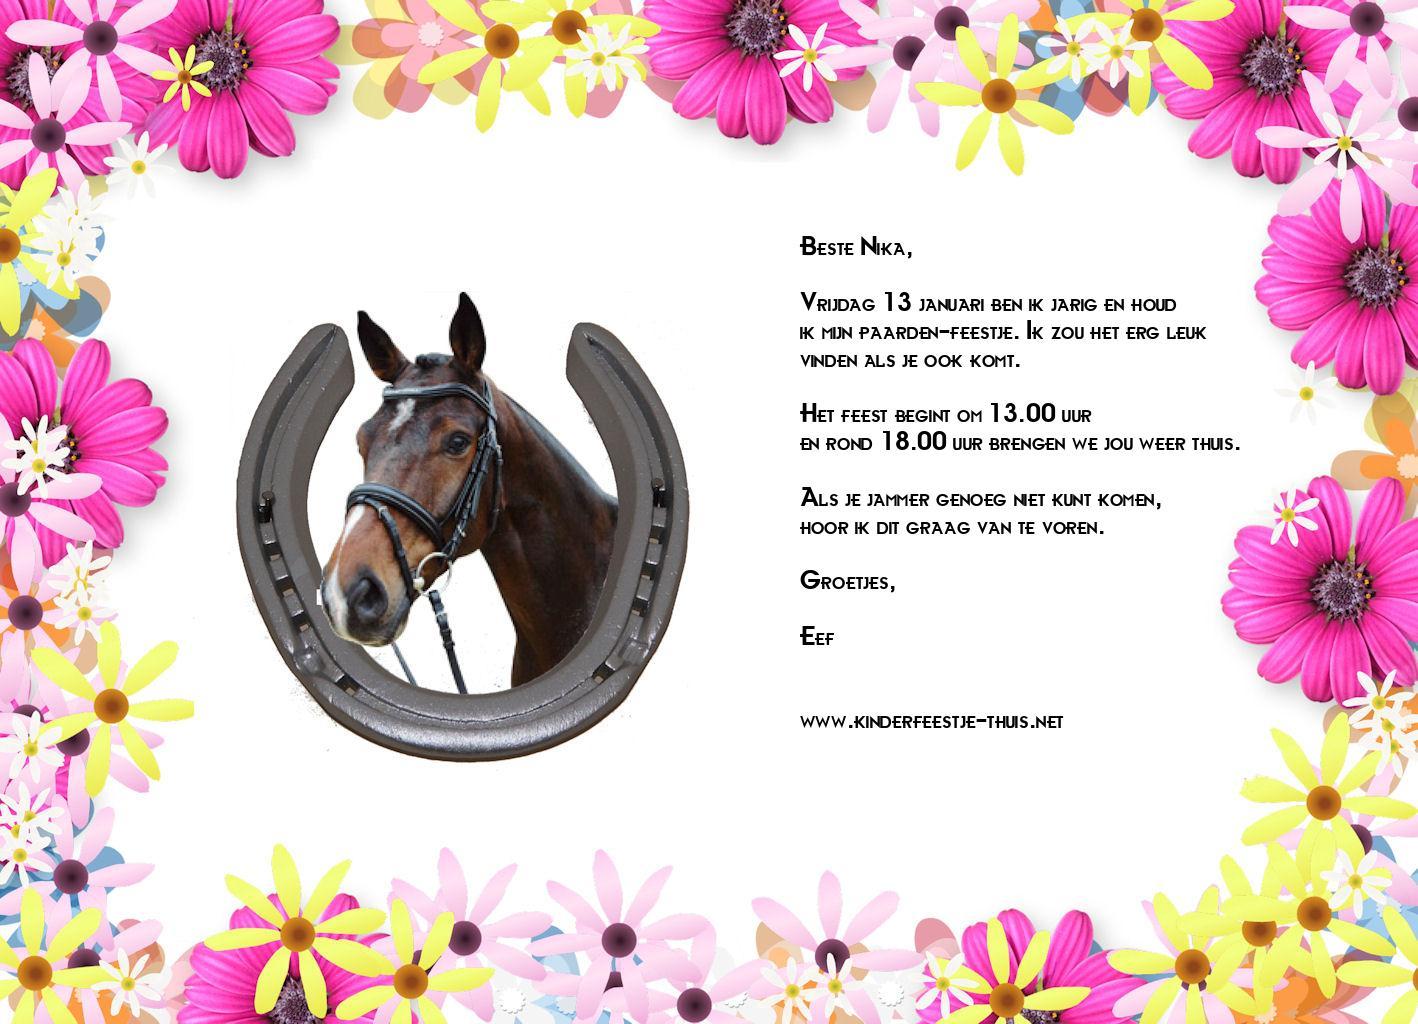 Uitzonderlijk Uitnodiging Paarden Feestje 1 - Kinderfeestje Thuis &FH02